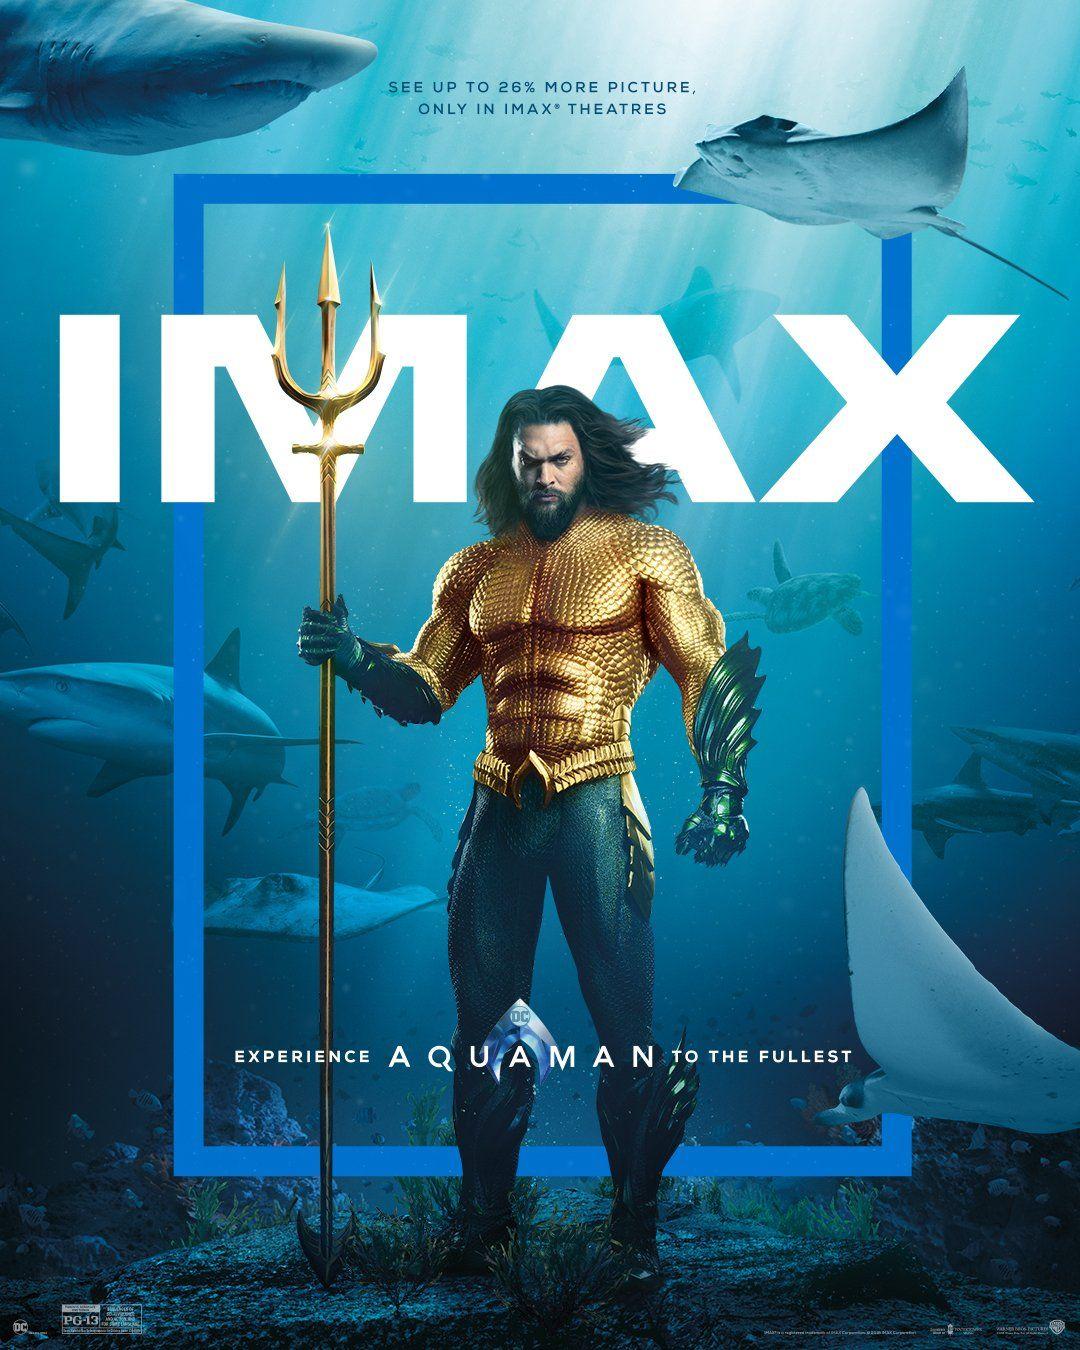 AQUAMAN đã có bản WEB-DL chuẩn IMAX chất lượng rất tốt